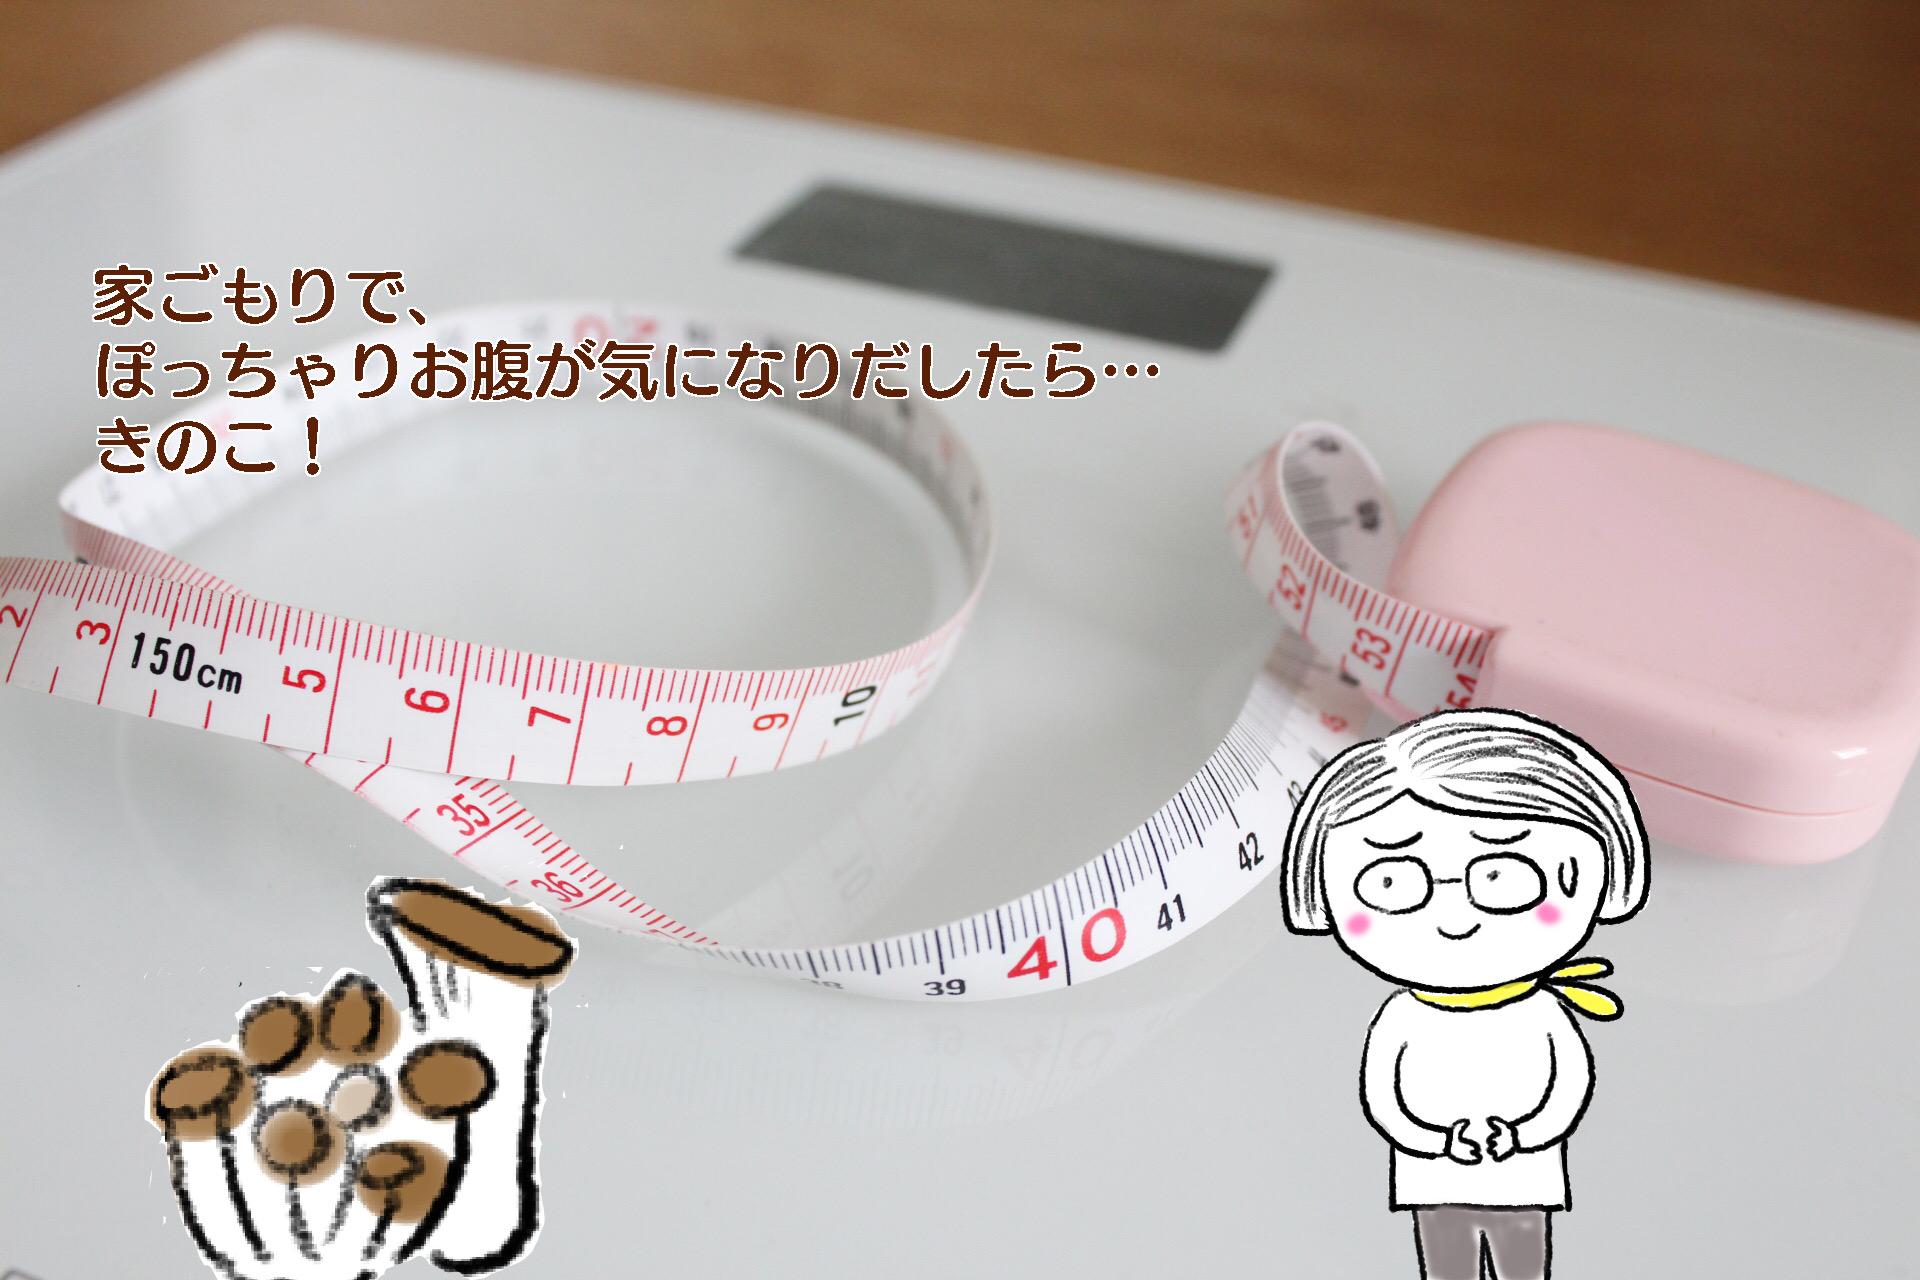 【今こそ、きのこが大活躍②】家ごもりによる肥満緊急事態にきのこを